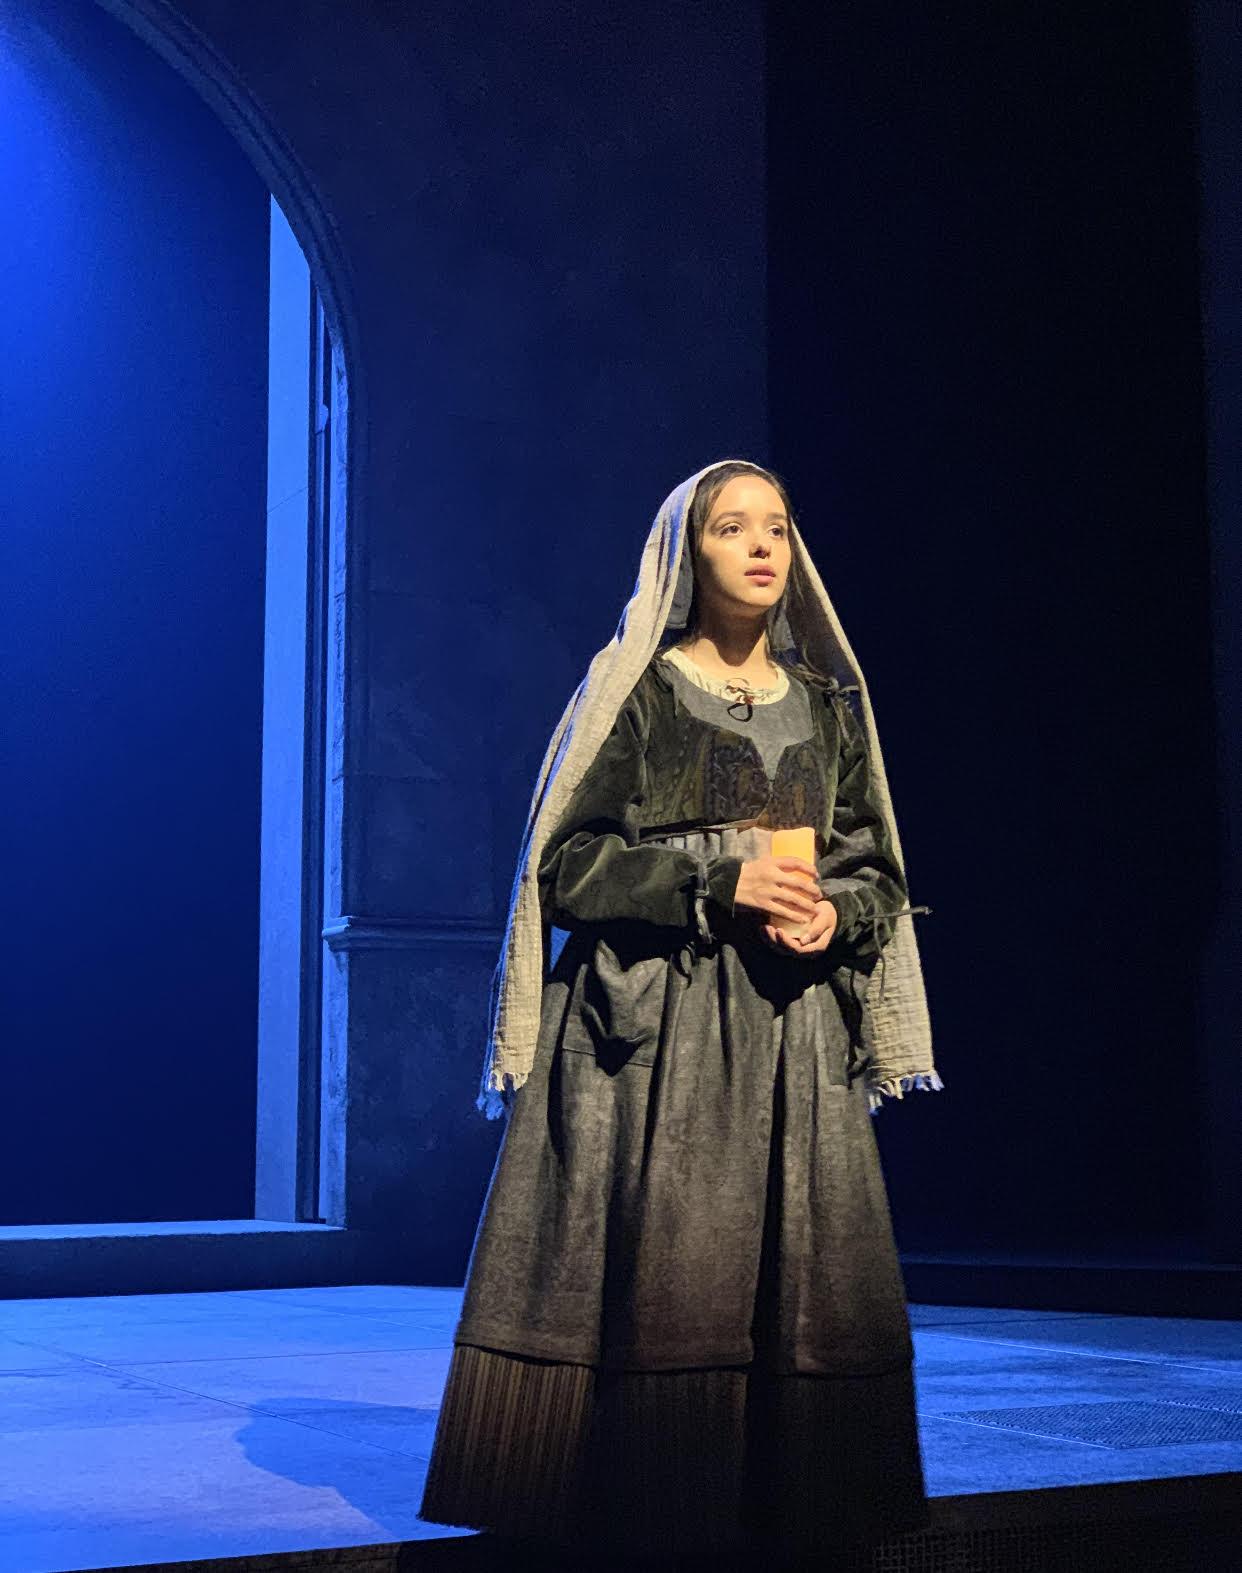 Bernadette de Lourdes Eyma